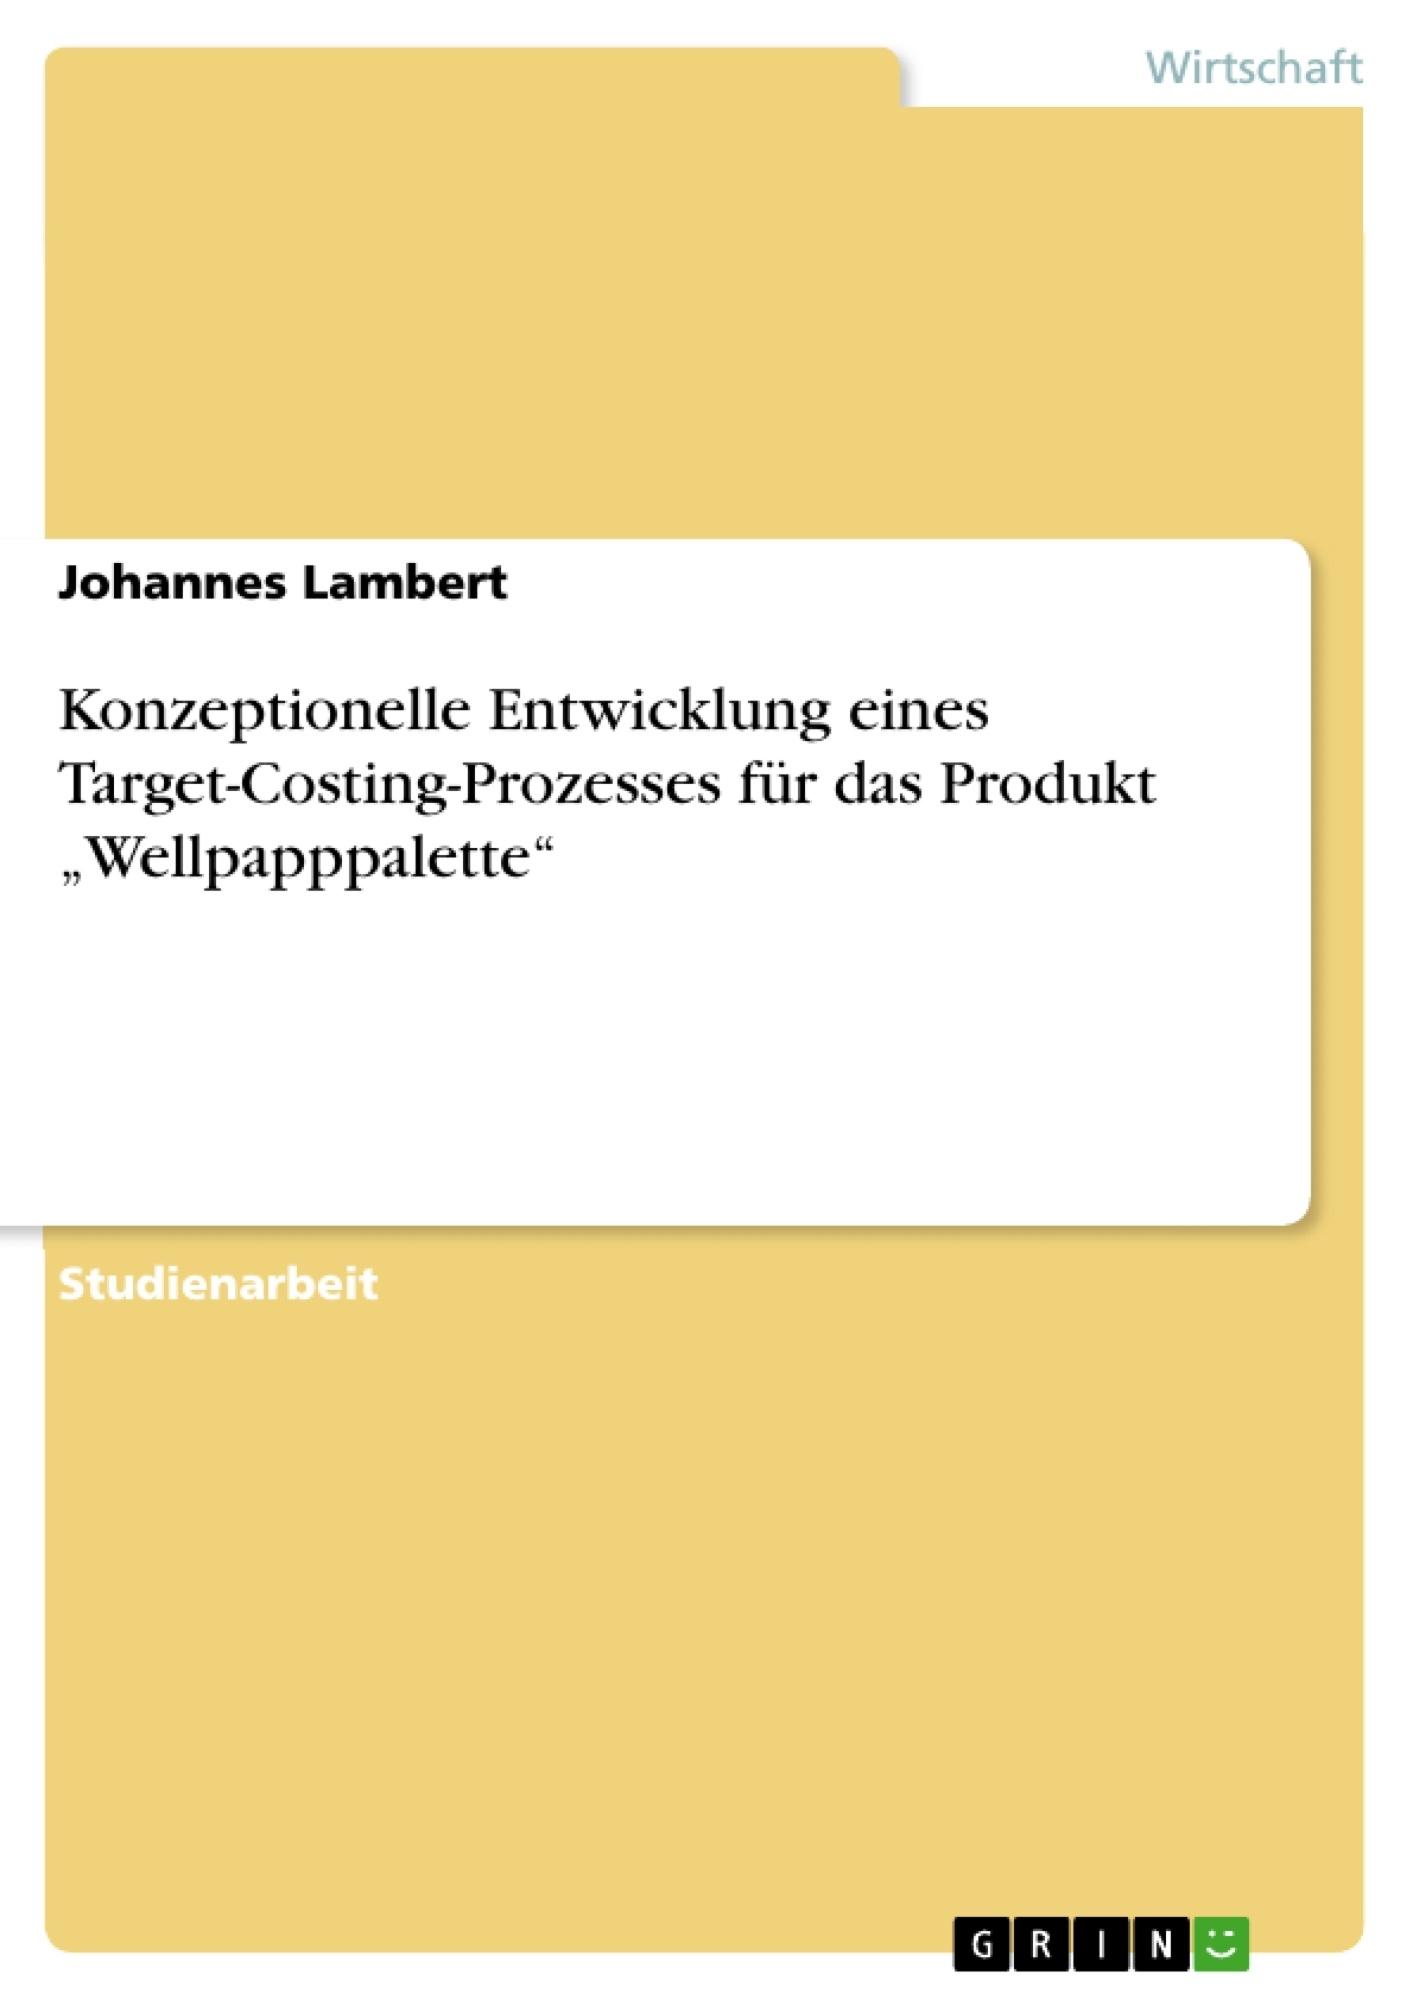 """Titel: Konzeptionelle Entwicklung eines Target-Costing-Prozesses für das Produkt """"Wellpapppalette"""""""